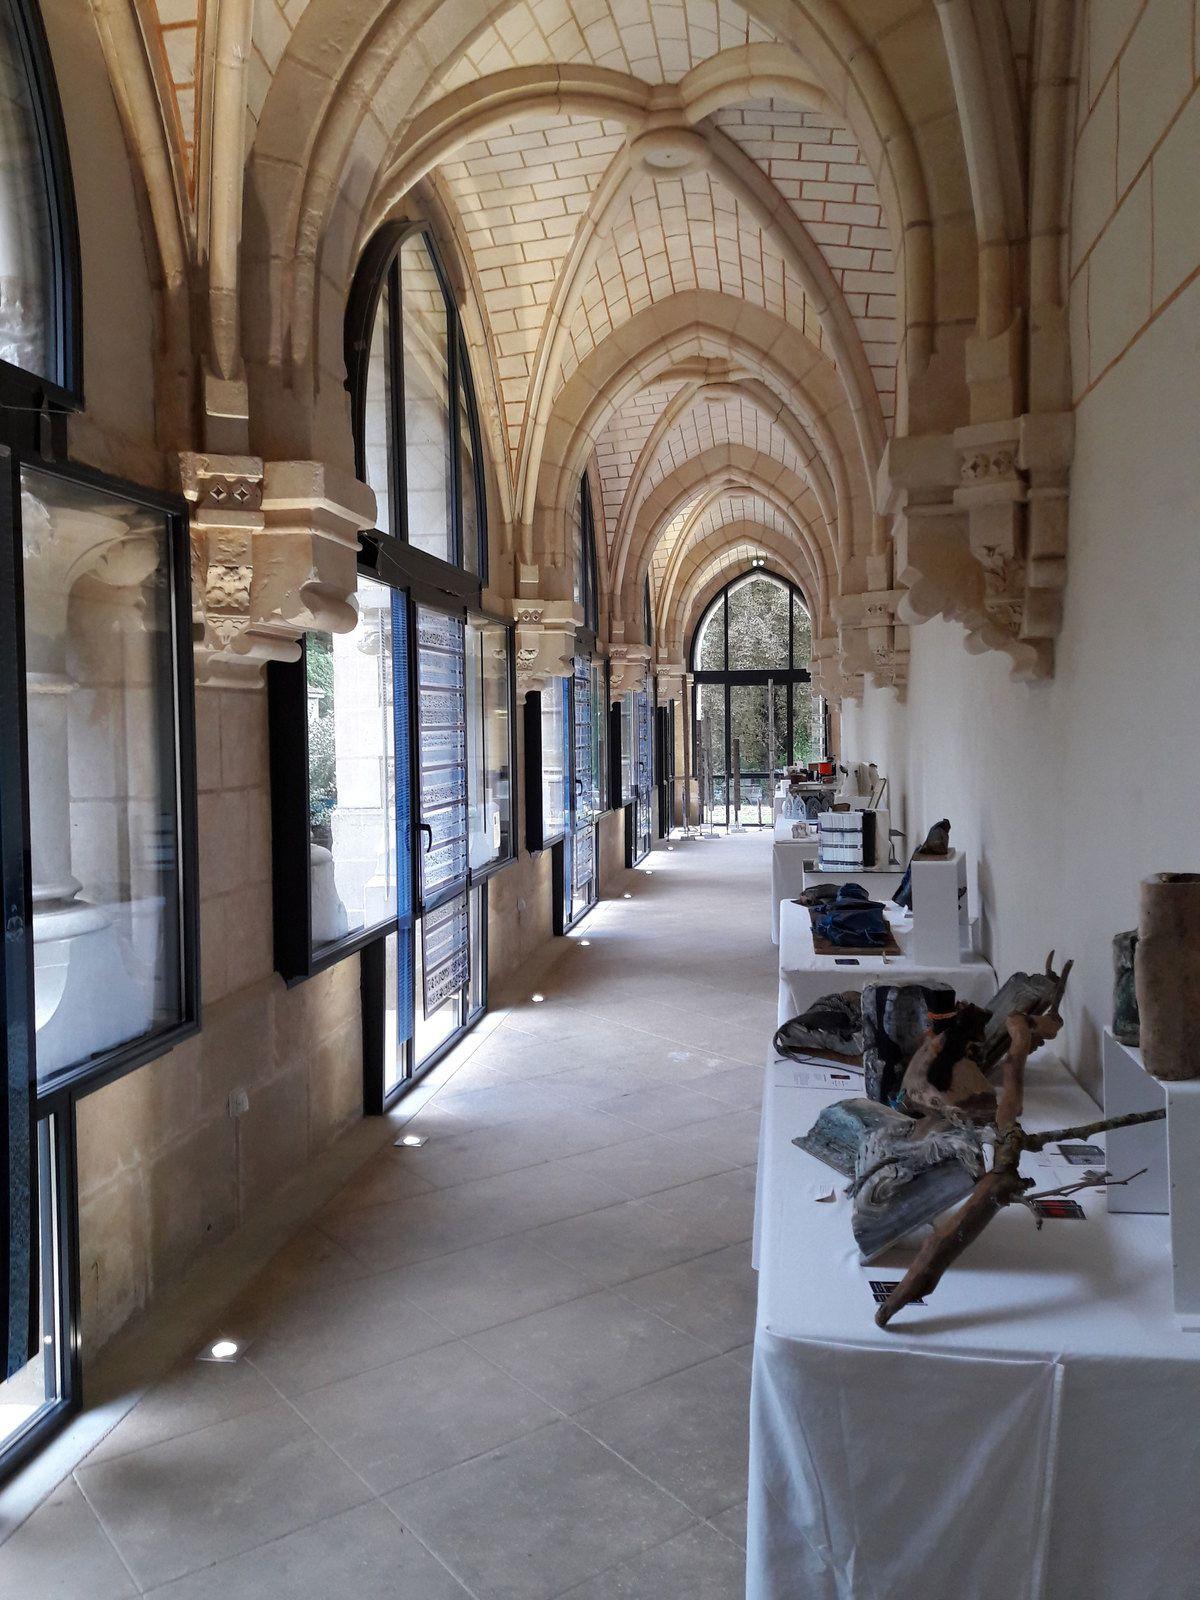 Vues de la galerie et de l'extérieur